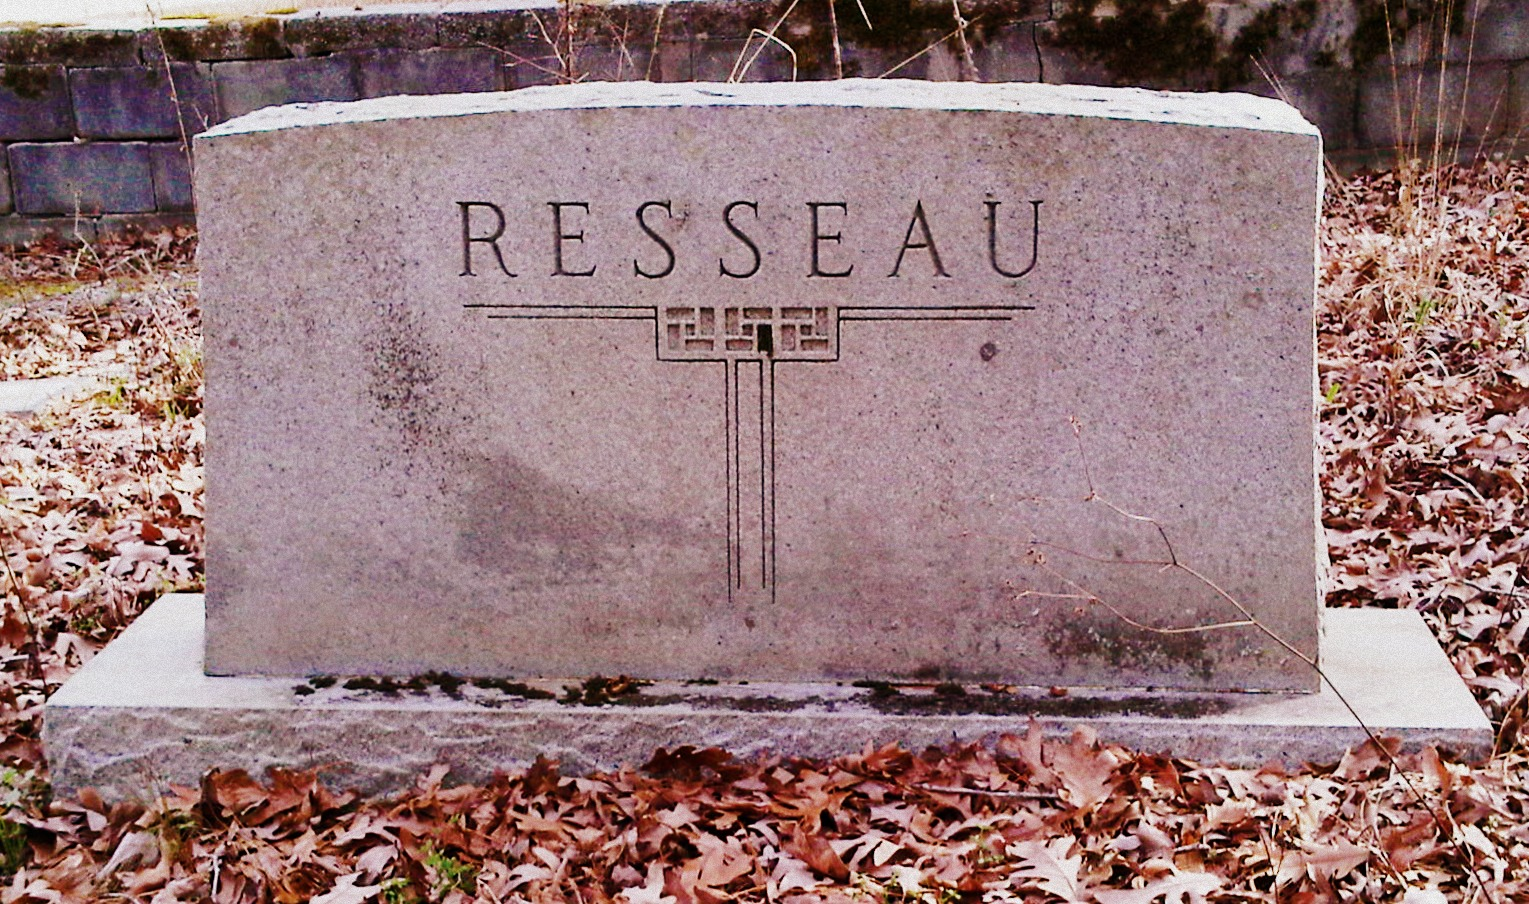 Resseau